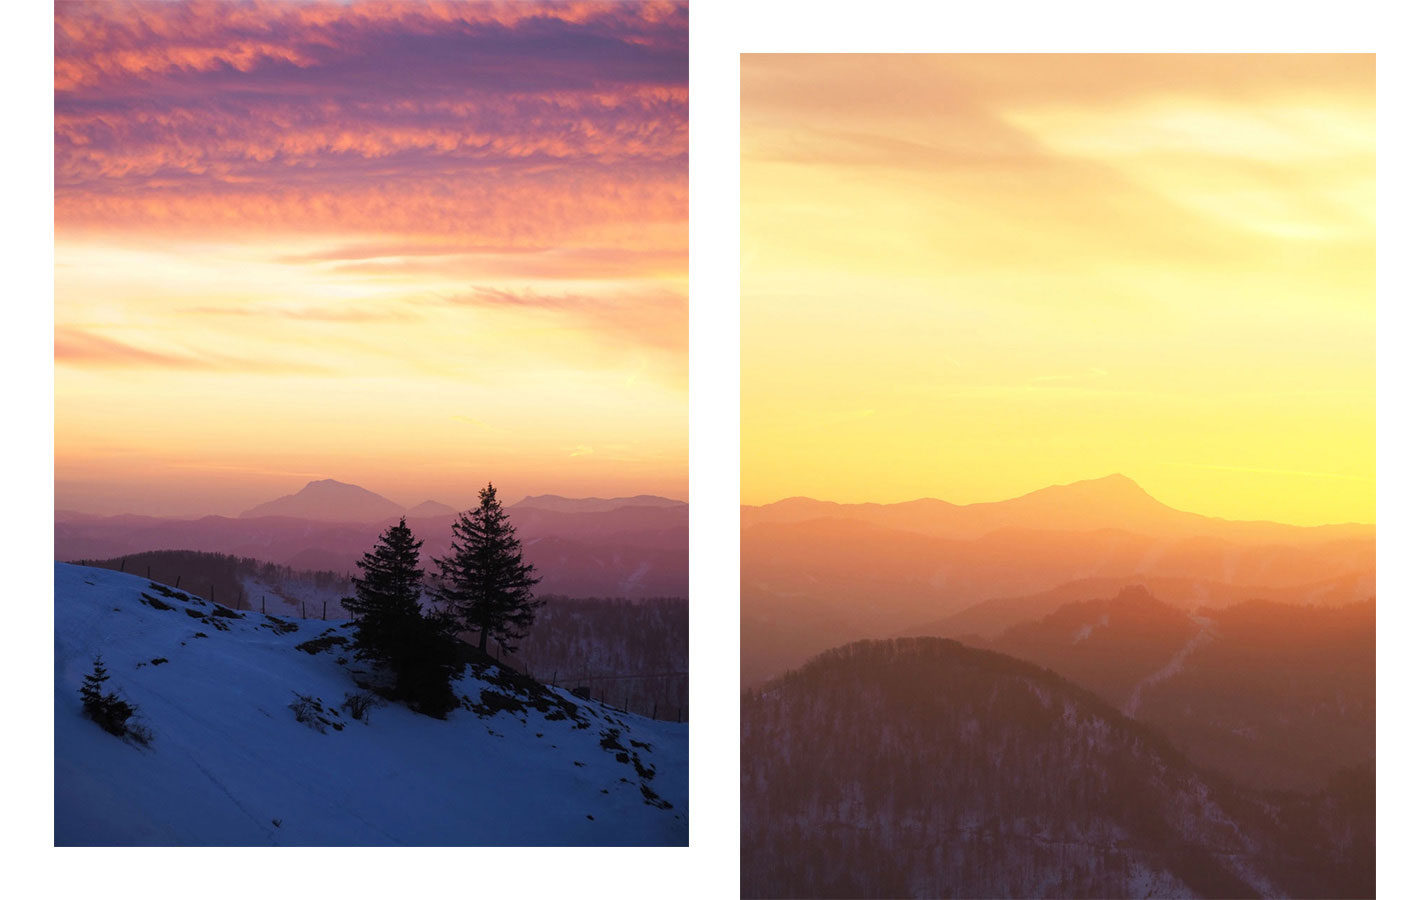 sonnenaufgang schoberstein molln - Meine 8 schönsten Sonnenaufgänge - Blogparade